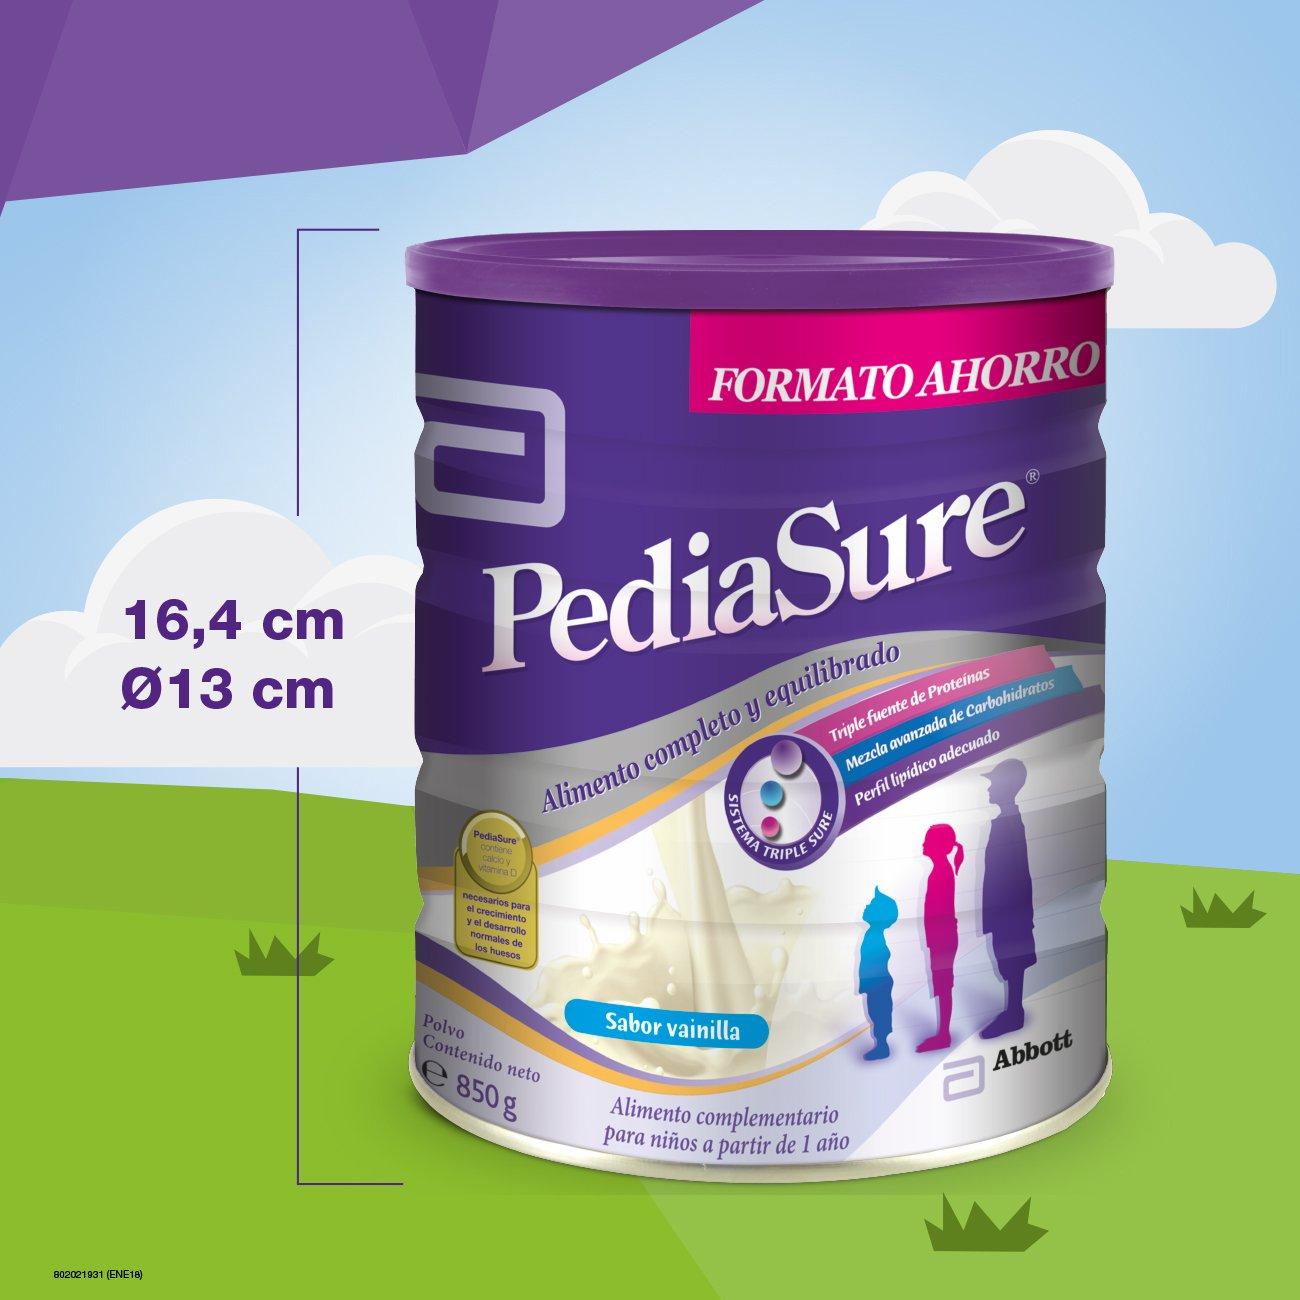 PediaSure Polvo lata 850g sabor vainilla. Alimento completo y equilibrado para niños a partir de 1 año de edad: Amazon.es: Salud y cuidado personal